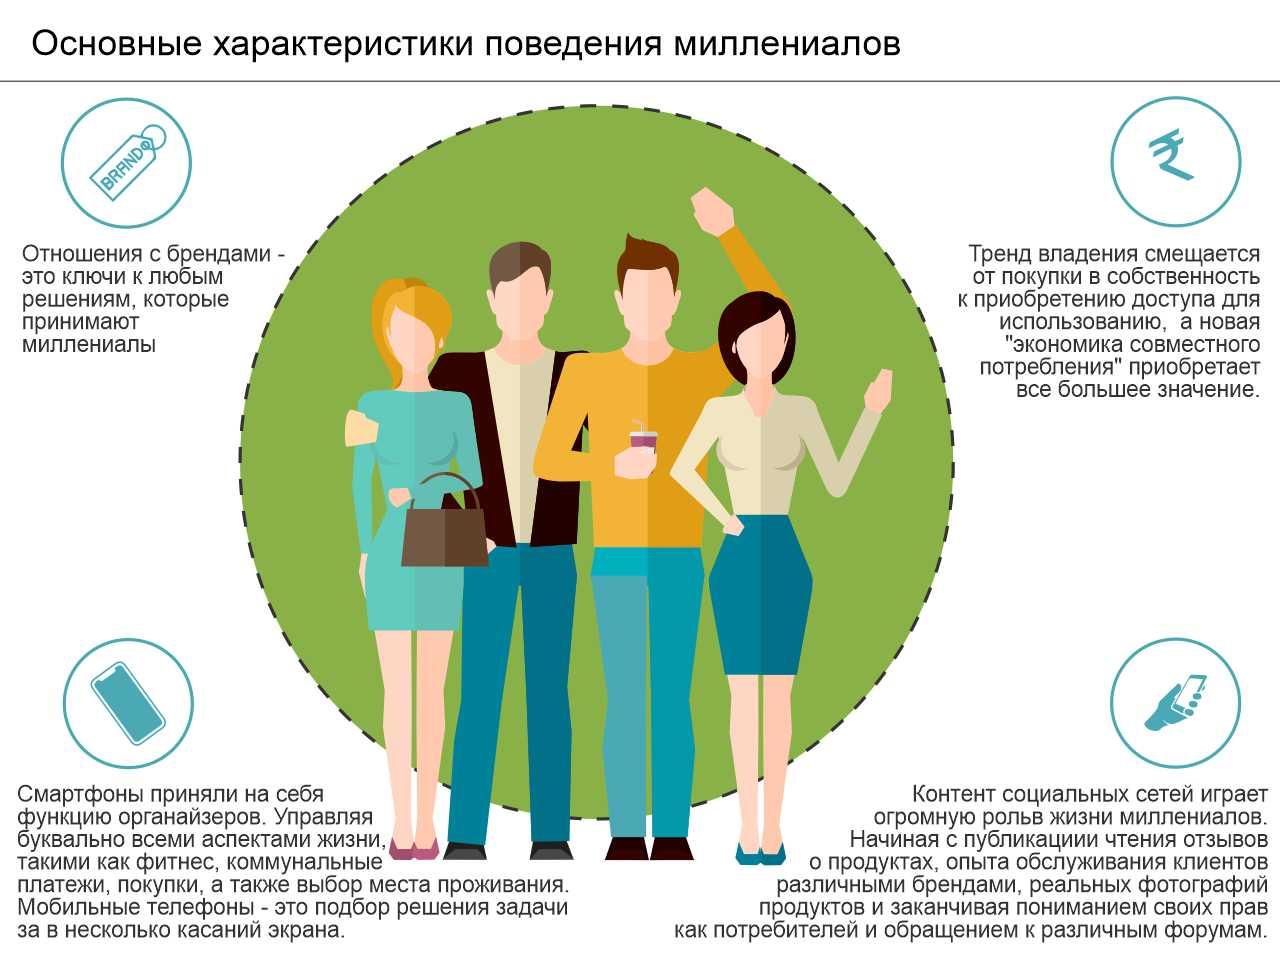 Основные характеристики поведения миллениалов